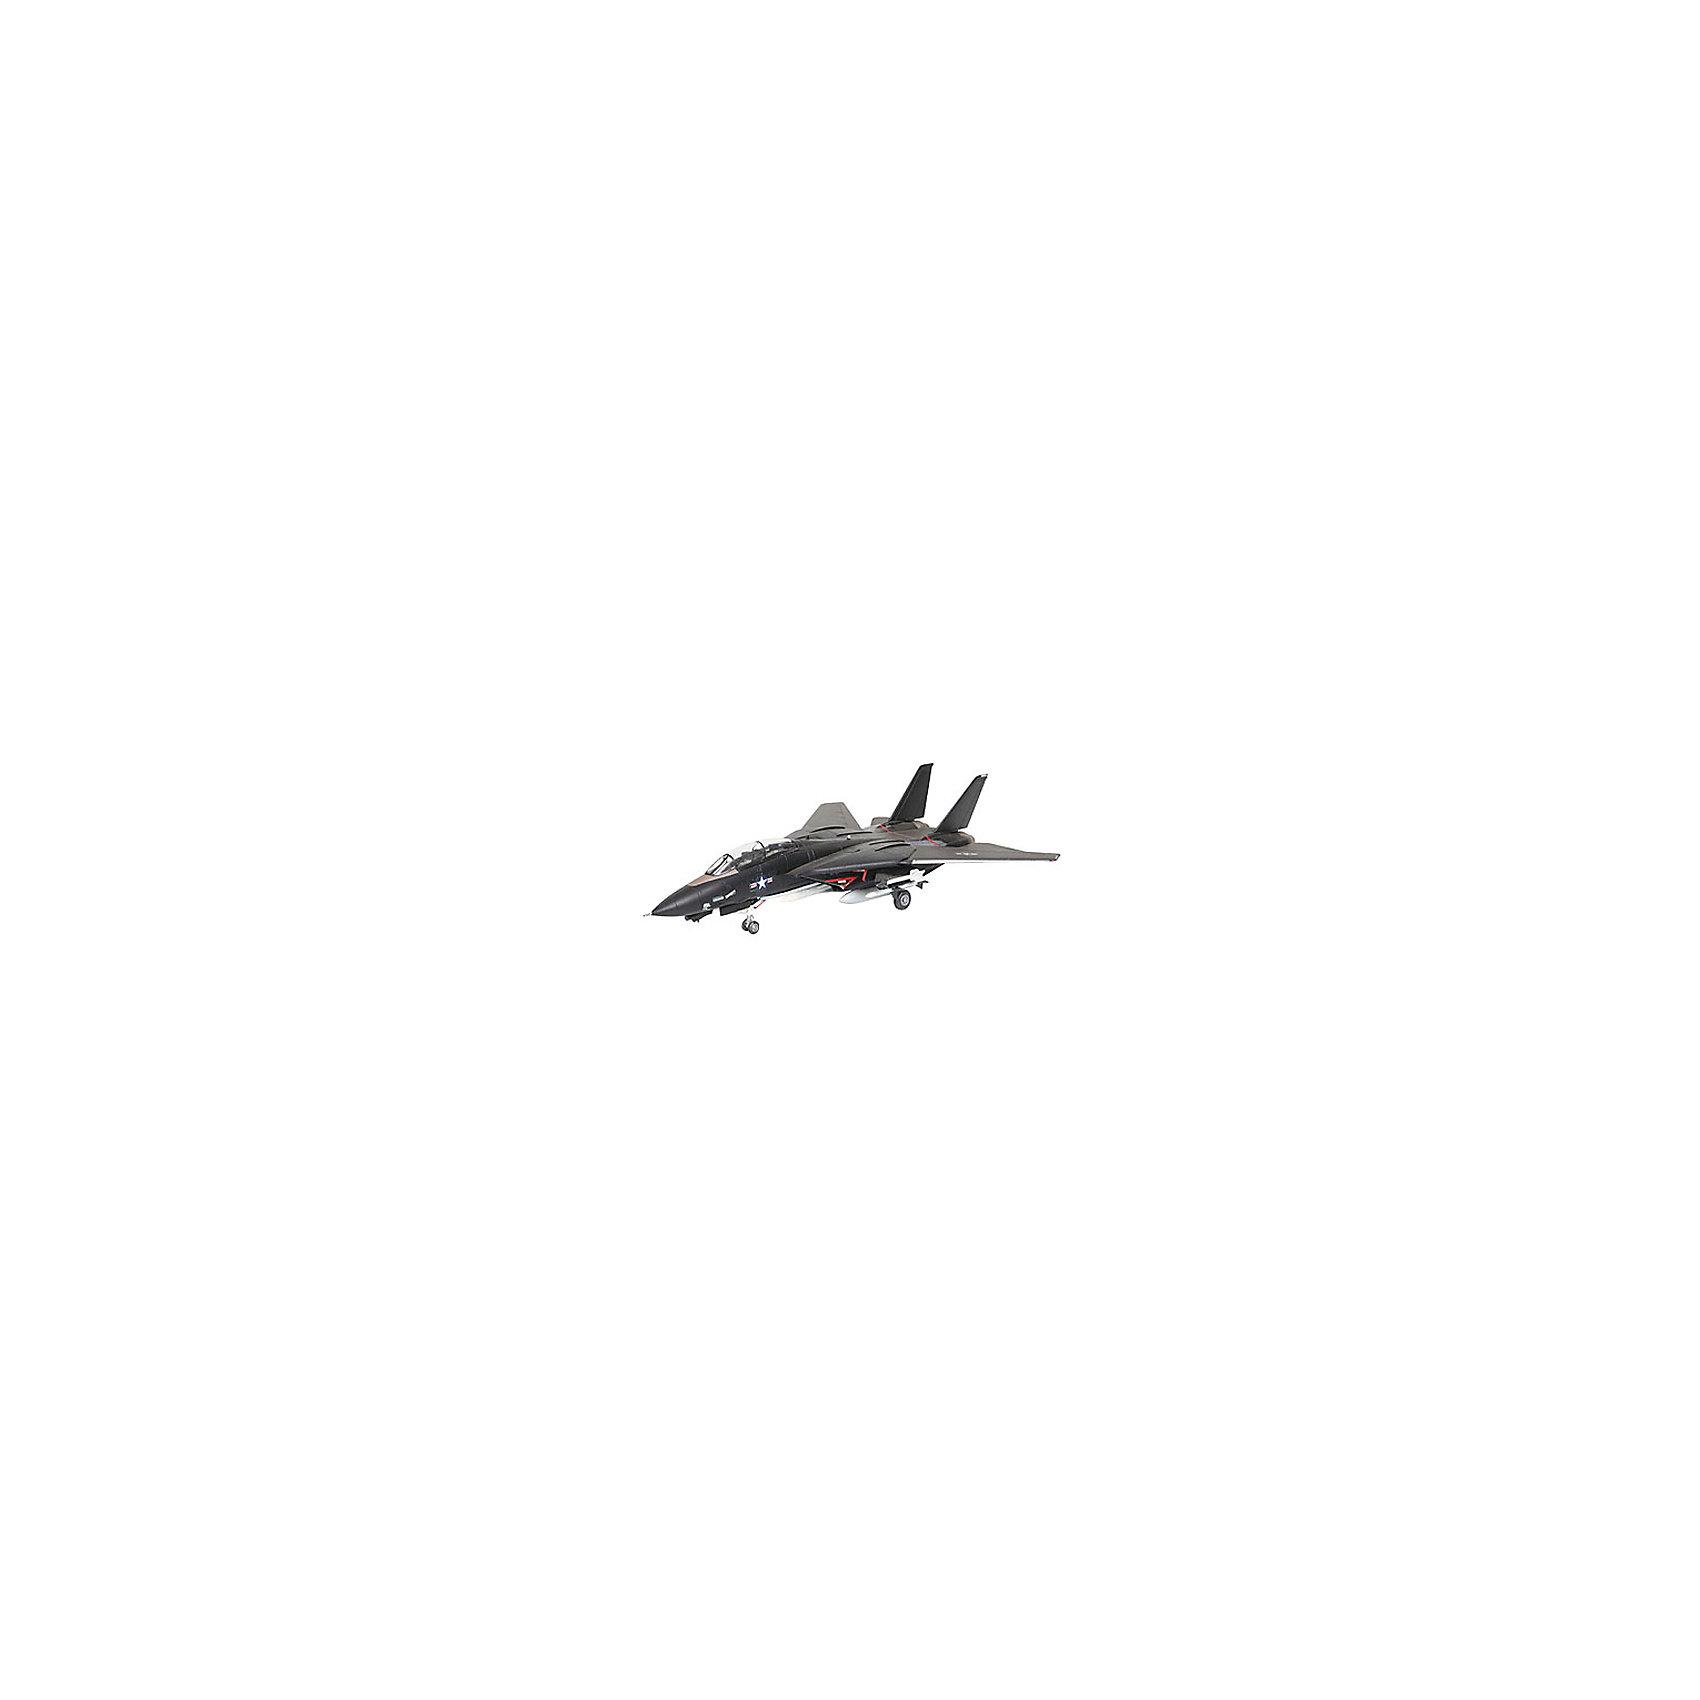 Военный самолет F-14 Tomcat Black BunnyМодели для склеивания<br>Характеристики товара:<br><br>• возраст: от 10 лет;<br>• масштаб: 1:144;<br>• количество деталей: 49 шт;<br>• материал: пластик; <br>• клей и краски в комплект не входят;<br>• длина модели: 13,4 см;<br>• размах крыльев: 13 см;<br>• бренд, страна бренда: Revell (Ревел), Германия;<br>• страна-изготовитель: Польша.<br><br>Модель для сборки «Военный самолет F-14 Tomcat Black Bunny» поможет вам и вашему ребенку придумать увлекательное занятие на долгое время и весело провести свой досуг. <br><br>Модель отличается изменяемой действующей геометрией крыла, наличием внутренней расшивки и высоко детализированной поверхностью. Шасси самолета могут быть установлено в двух положениях. <br><br>В комплект вооружения входит 2 управляемые ракеты Sidewinder, а также 6 управляемых ракет Phoenix. Данная сборная модель военного самолета состоит из 49 деталей.  Готовый истребитель украсит стол или книжную полку ребенка. Краски и клей в комплект не входят.<br><br>Процесс сборки развивает интеллектуальные и инструментальные способности, воображение и конструктивное мышление, а также прививает практические навыки работы со схемами и чертежами. <br><br>Модель для сборки «Военный самолет F-14 Tomcat Black Bunny», 49 дет., Revell (Ревел) можно купить в нашем интернет-магазине.<br><br>Ширина мм: 9999<br>Глубина мм: 9999<br>Высота мм: 9999<br>Вес г: 9999<br>Возраст от месяцев: -2147483648<br>Возраст до месяцев: 2147483647<br>Пол: Унисекс<br>Возраст: Детский<br>SKU: 1772959